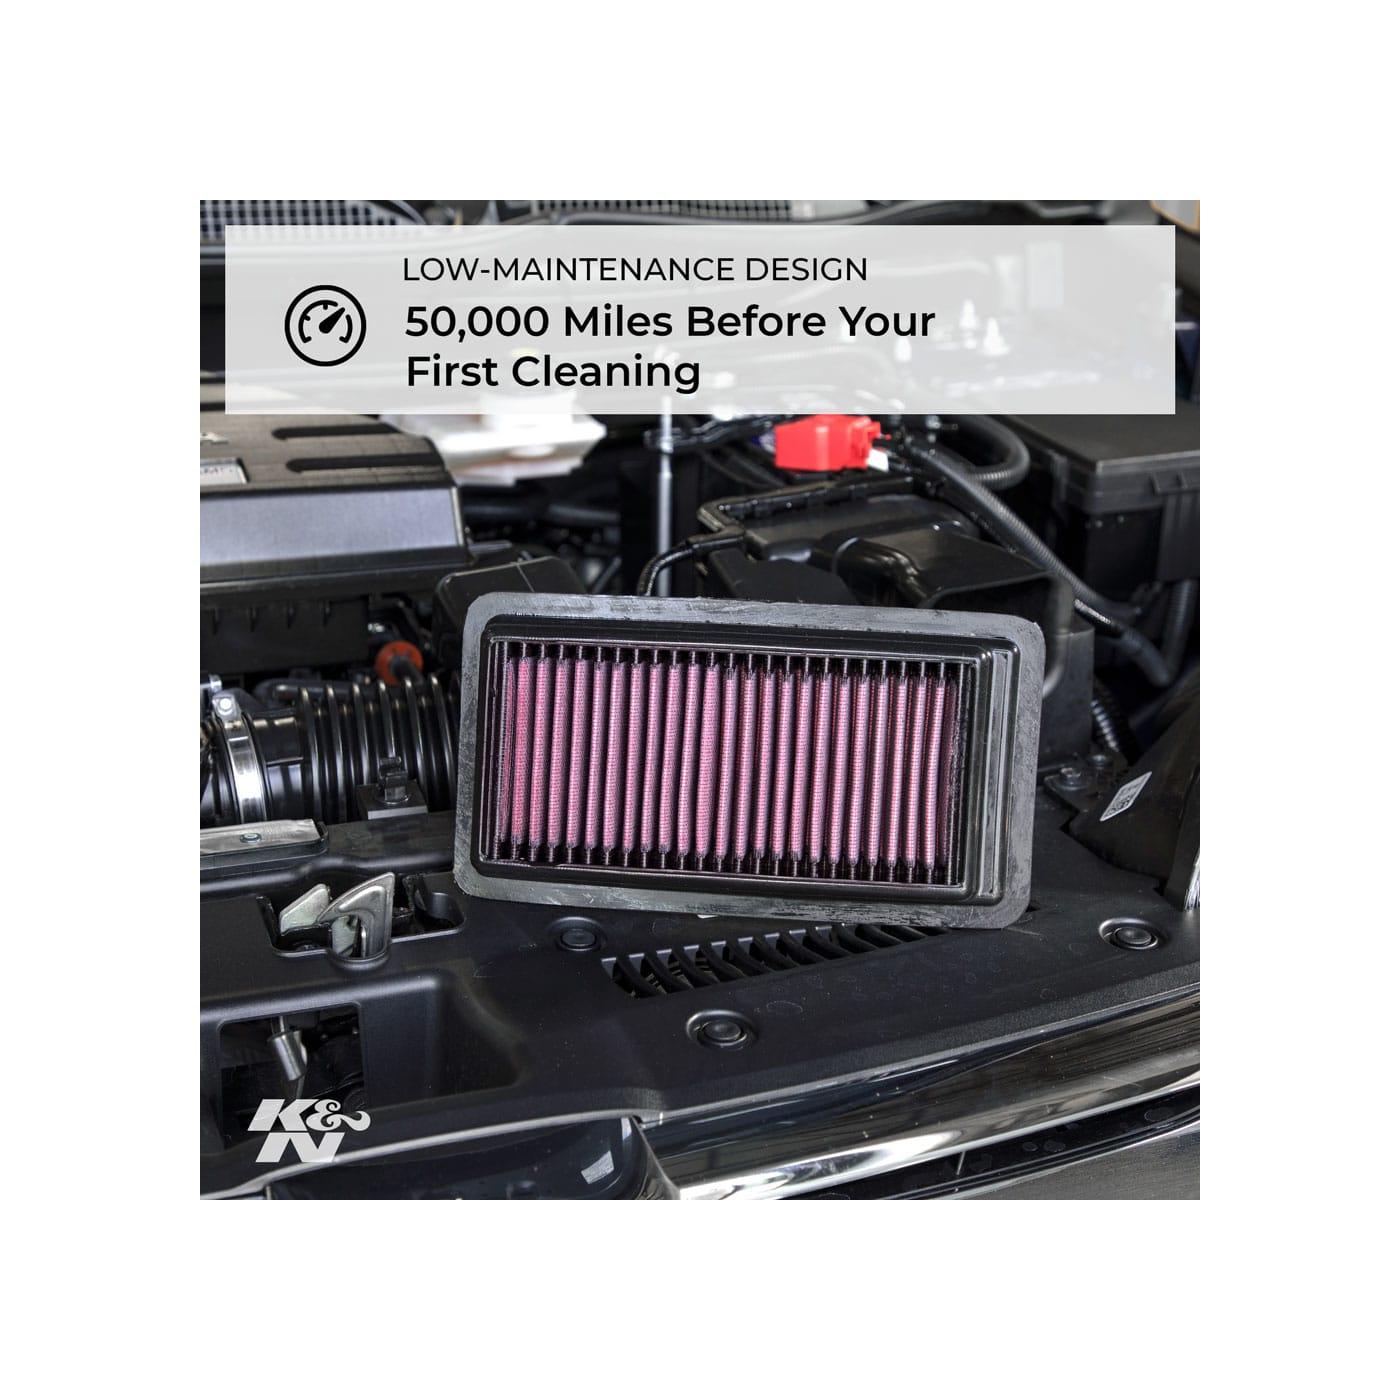 Filtro De Ar K&N 33-2155 Chevrolet Tracker Suzuki Escudo Grand Vitara XL-7 Mazda Proceed